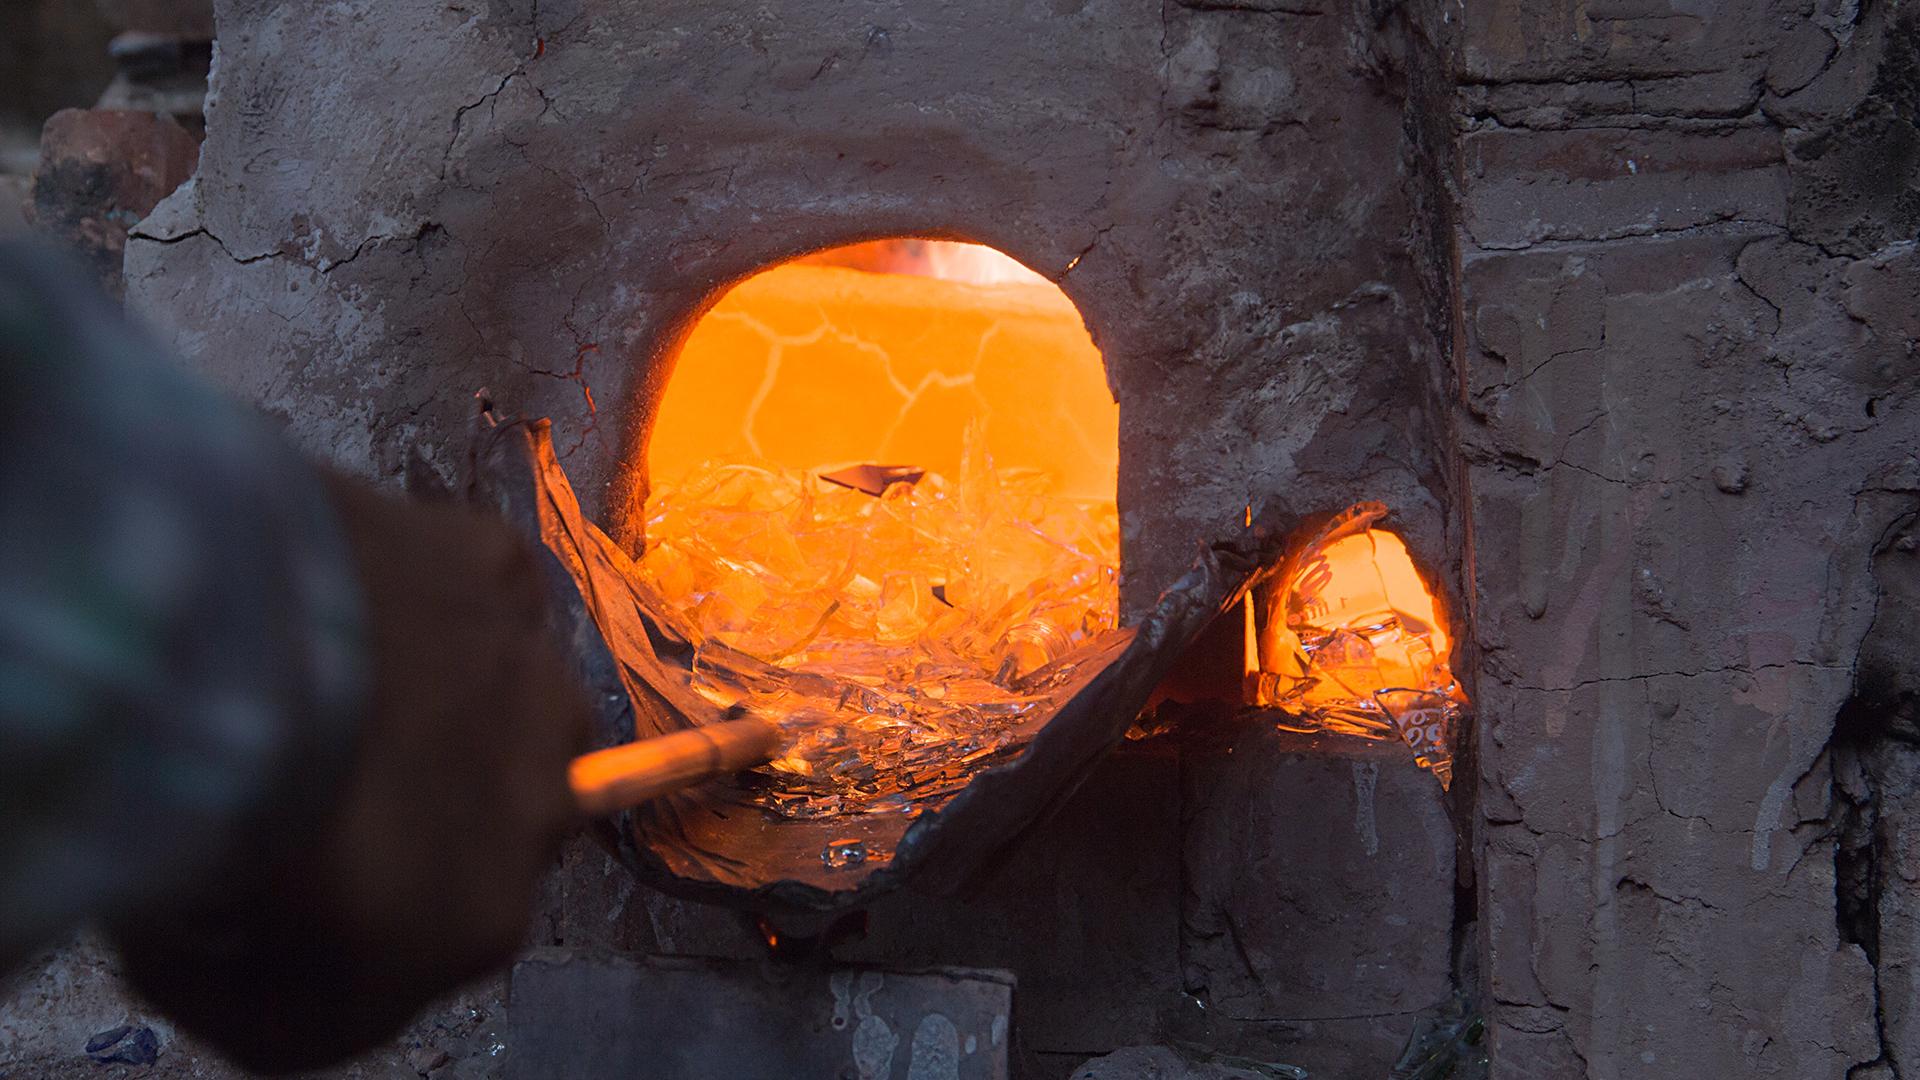 Upcycling: Für unsere Glasschalen verwendet unser Partner Yadawee Recycling-Glas: Altglas wird von Sammlern aufgekauft, nach Farben sortiert, gereinigt und zerkleinert. Das spart Rohstoffe und Energie.